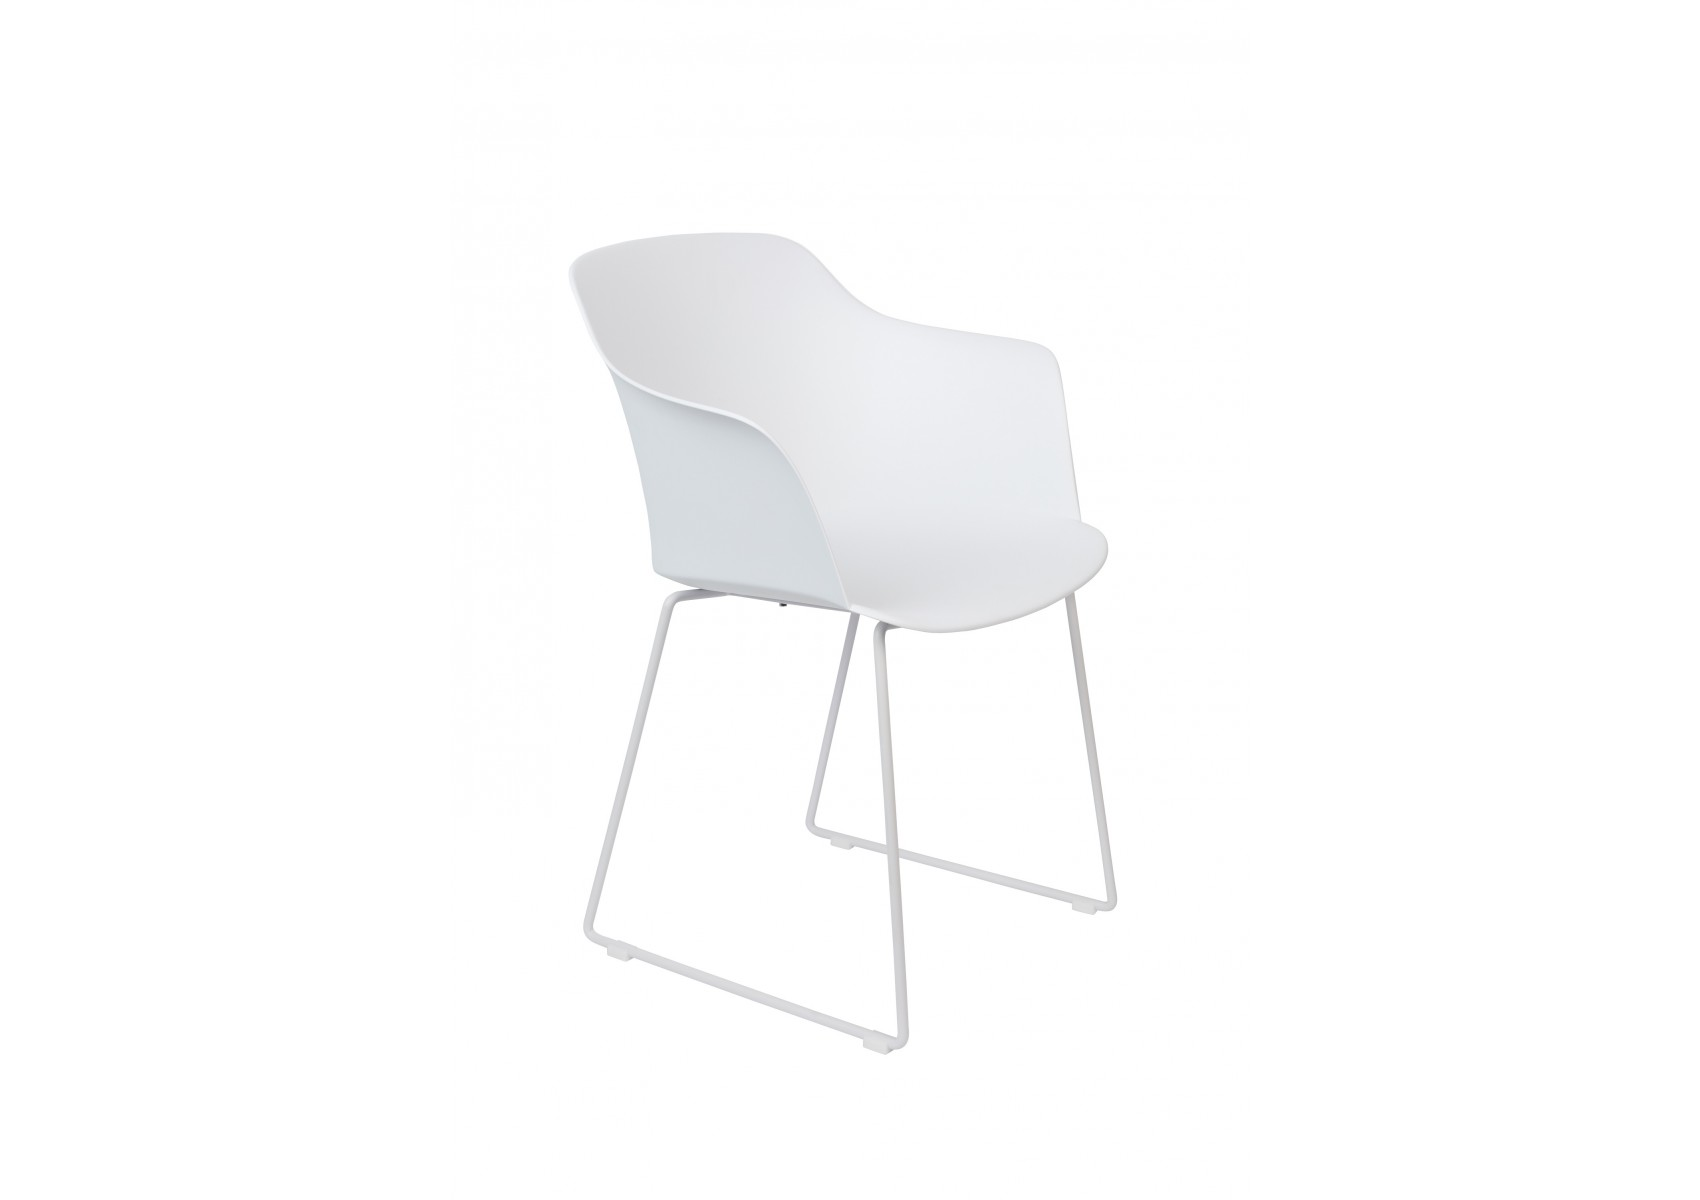 Lot De 2 Chaises Avec Coque En Plastique Et Pied Metal Tango